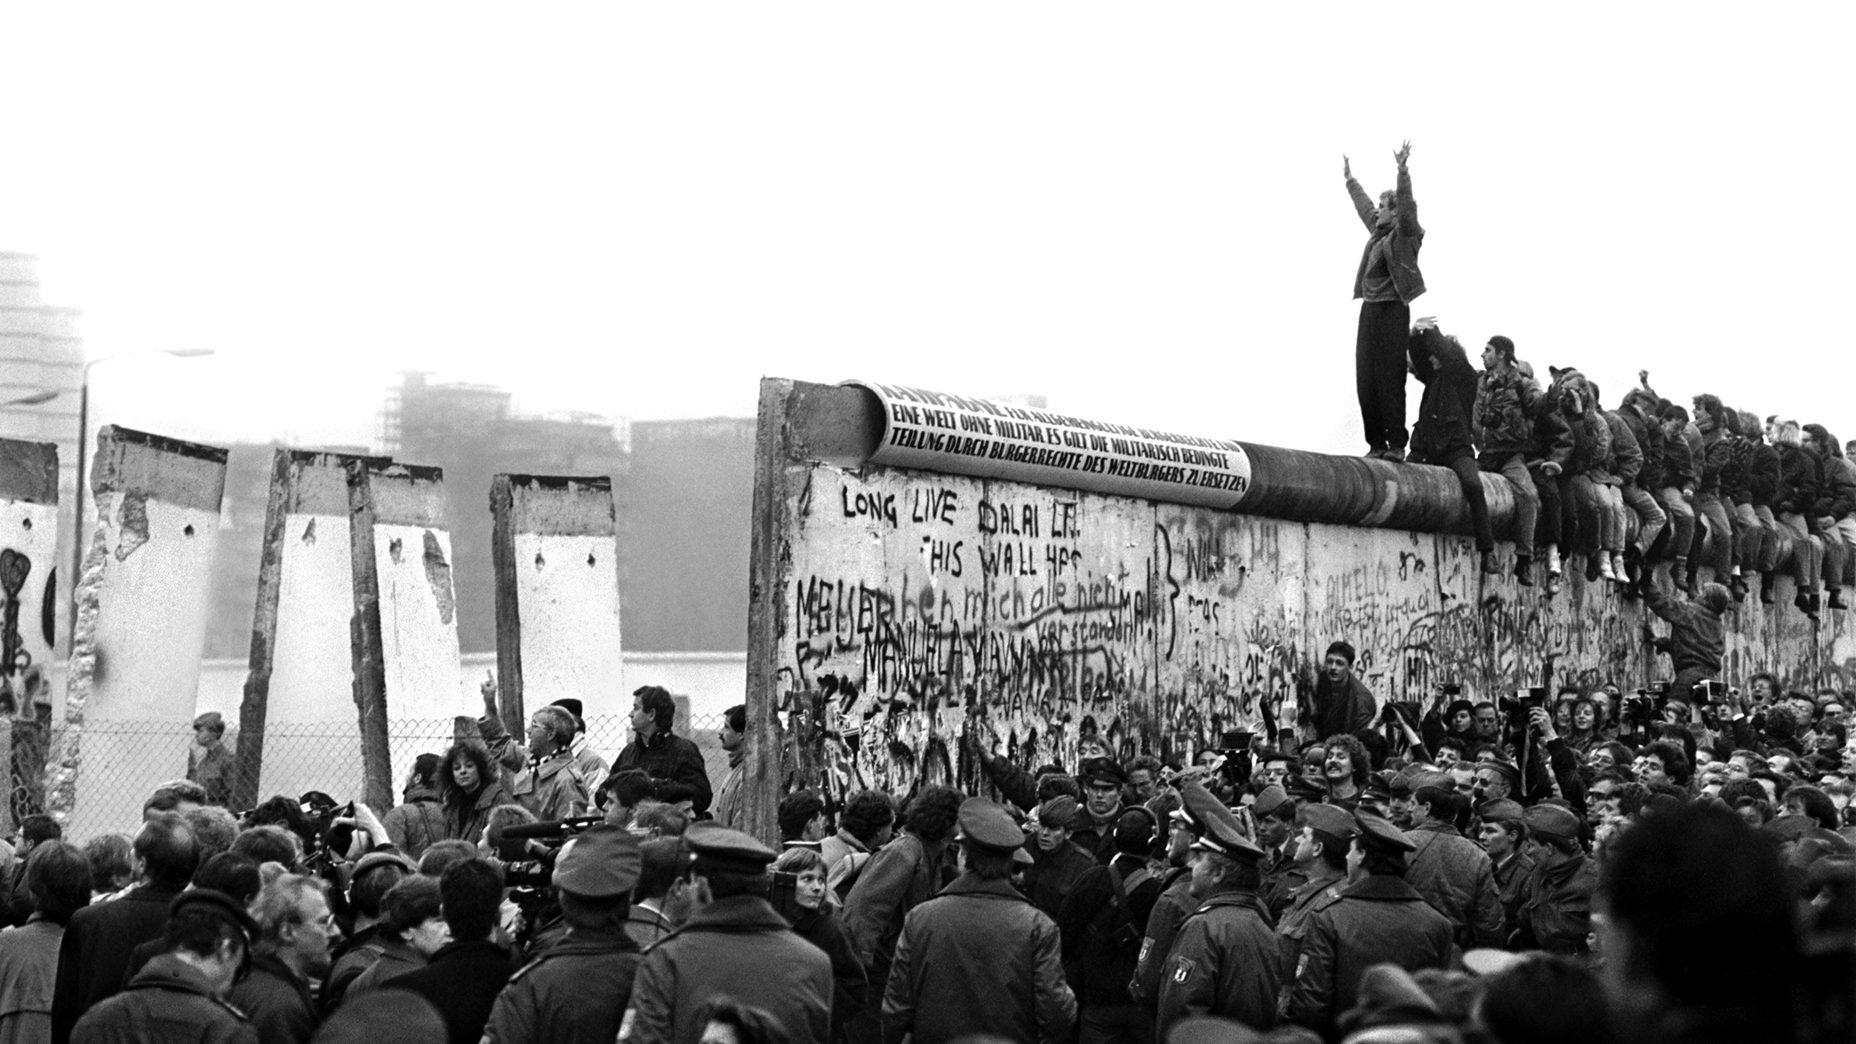 Fall of Berlin Wall, 1989